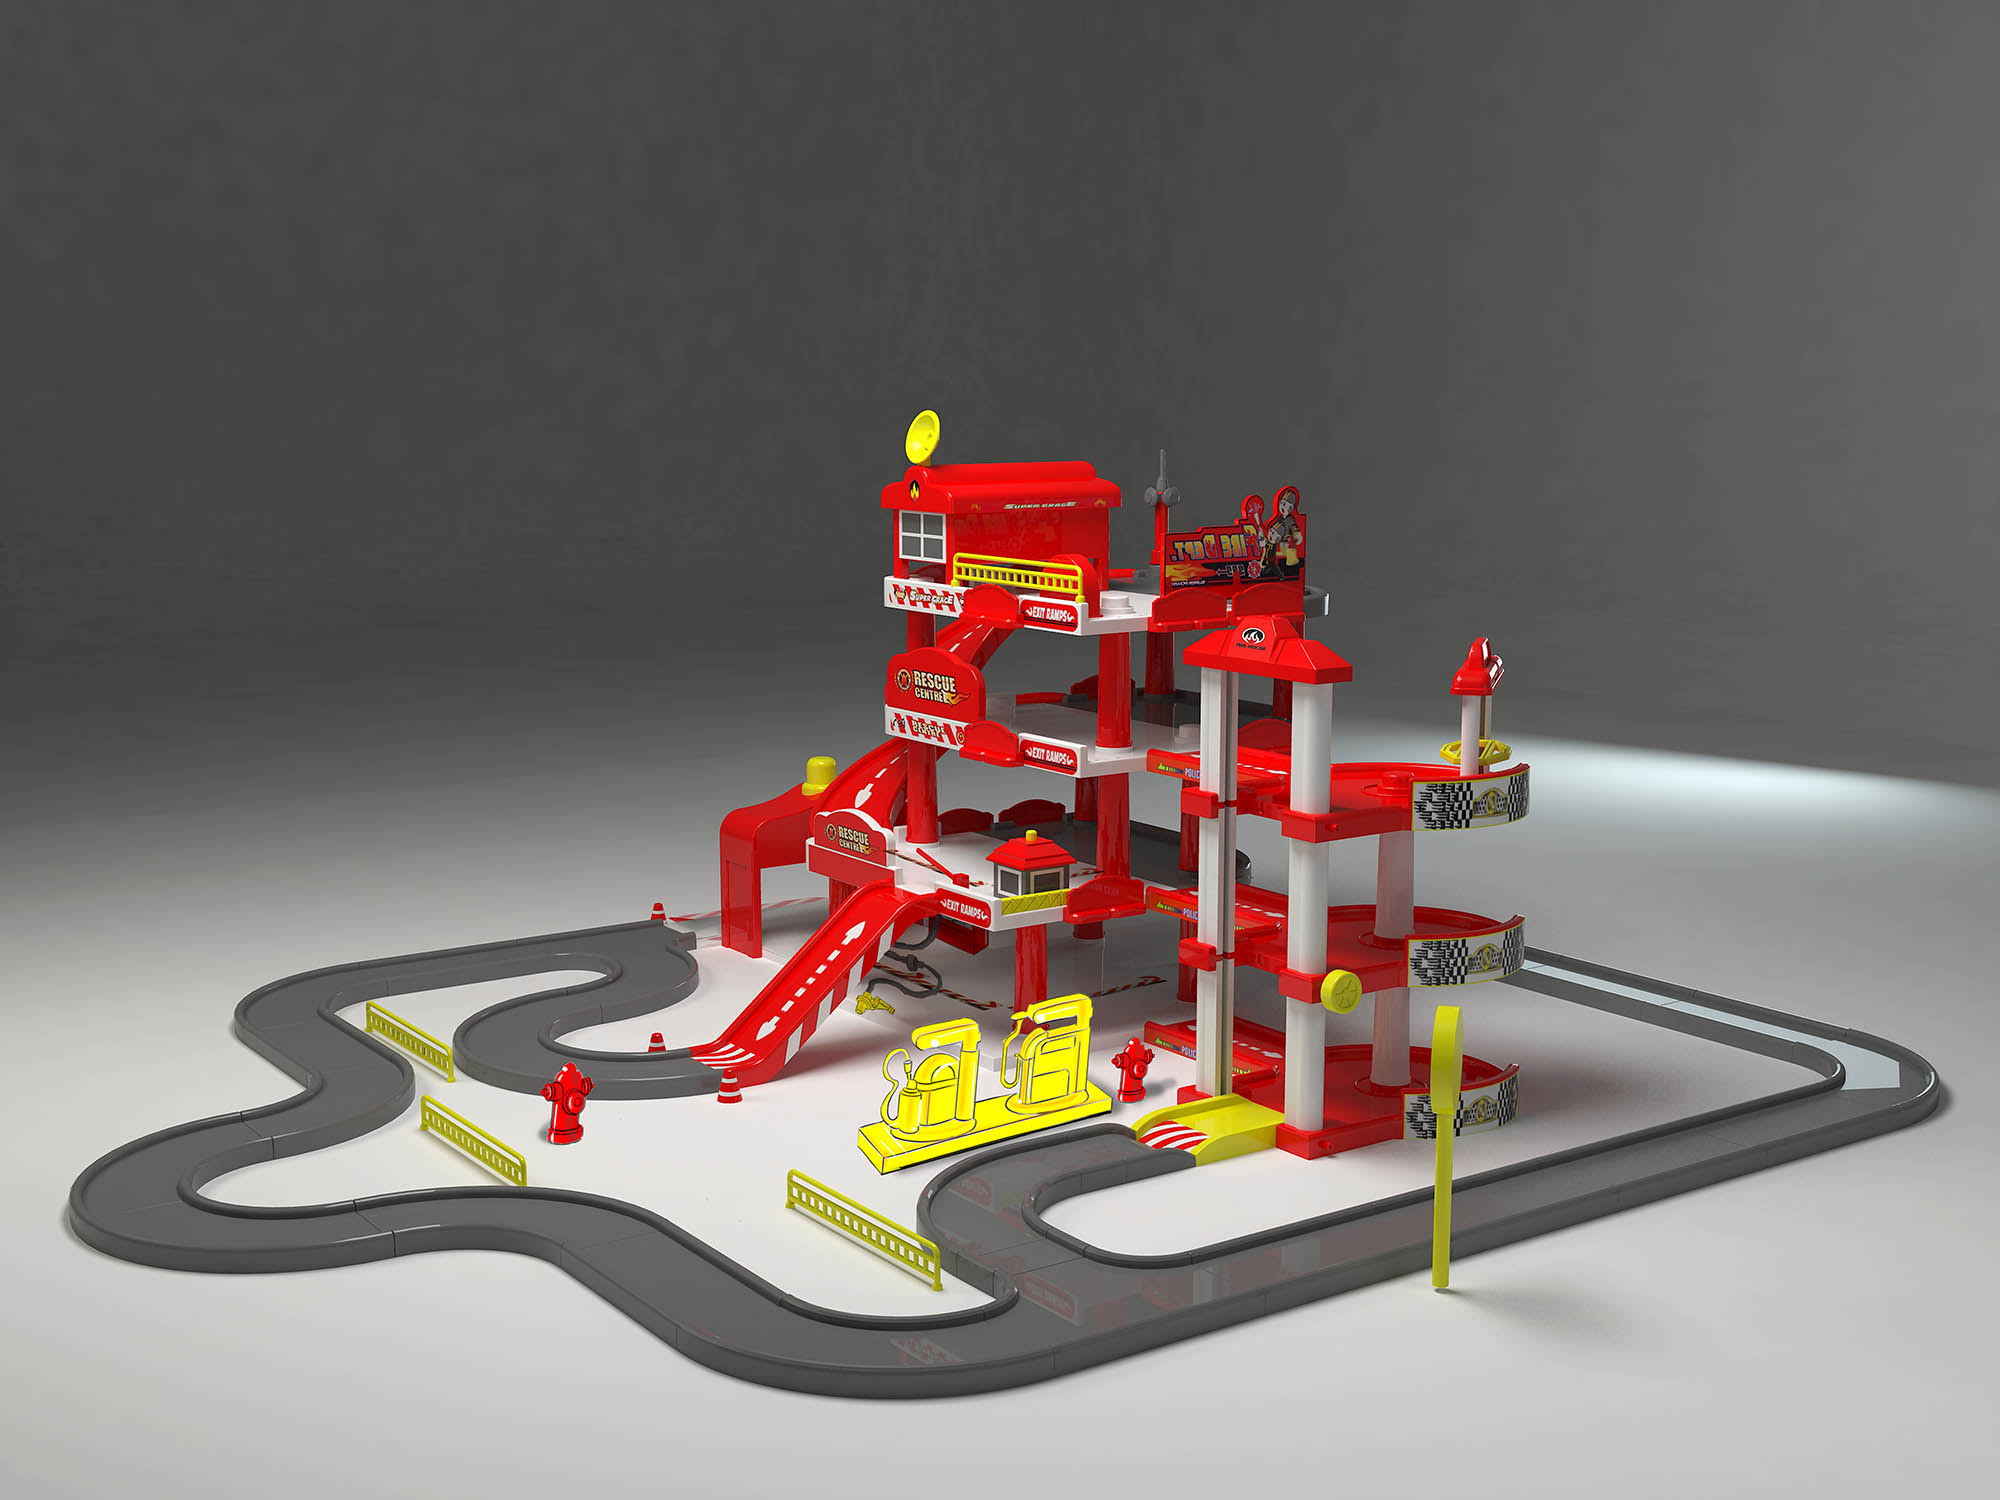 汽车轨道停车场套装玩具设计